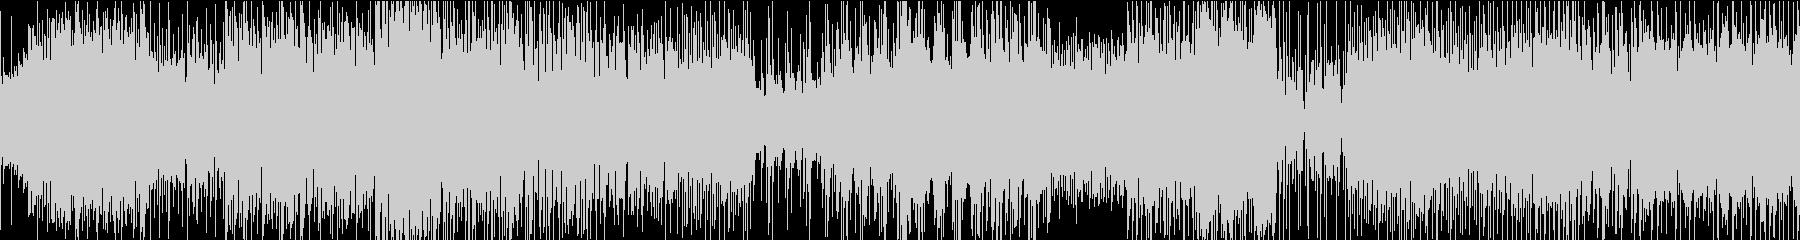 シンプルなアンビエント・テクノの未再生の波形